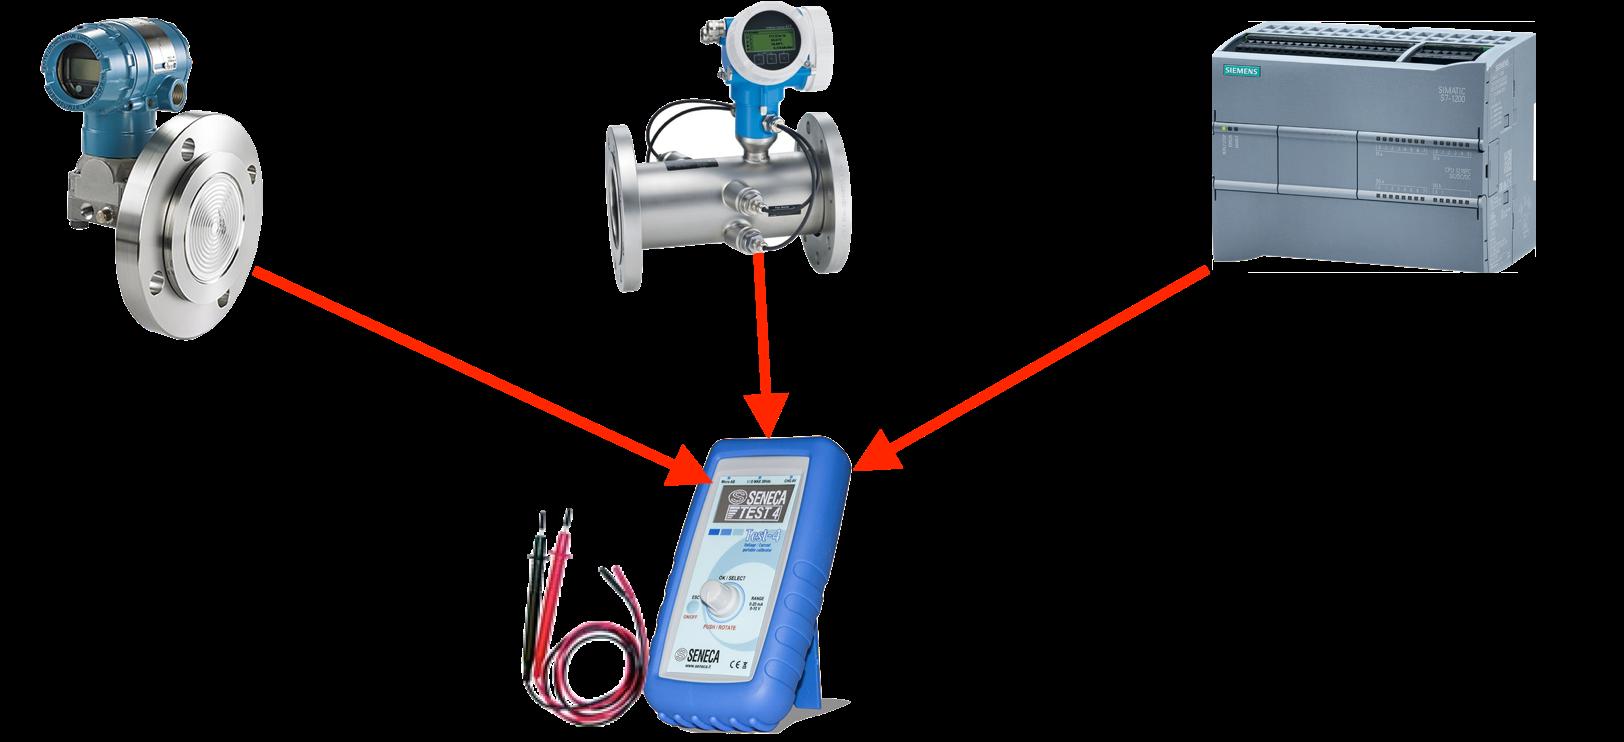 đo tín hiệu 4-20mA bằng TEST-4